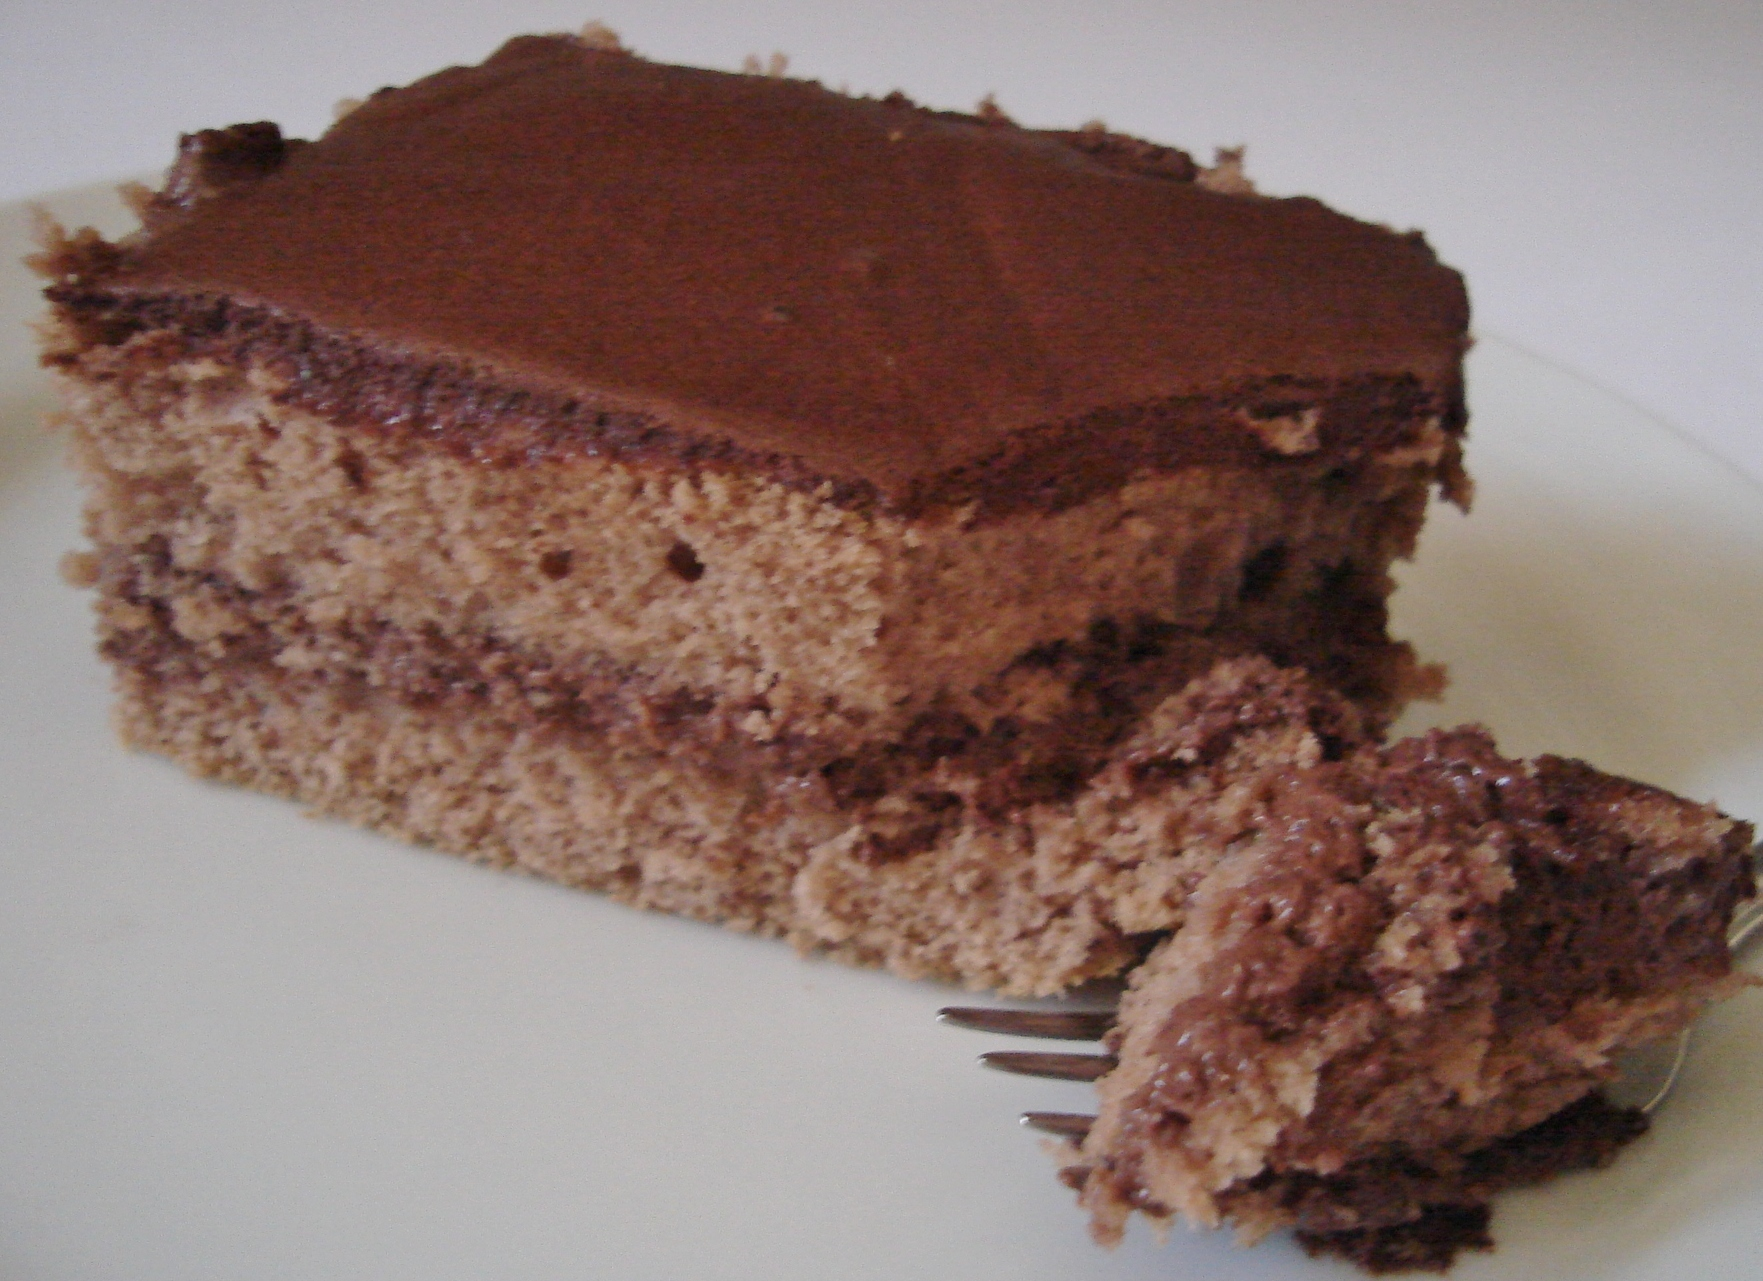 cobertura diet para bolo